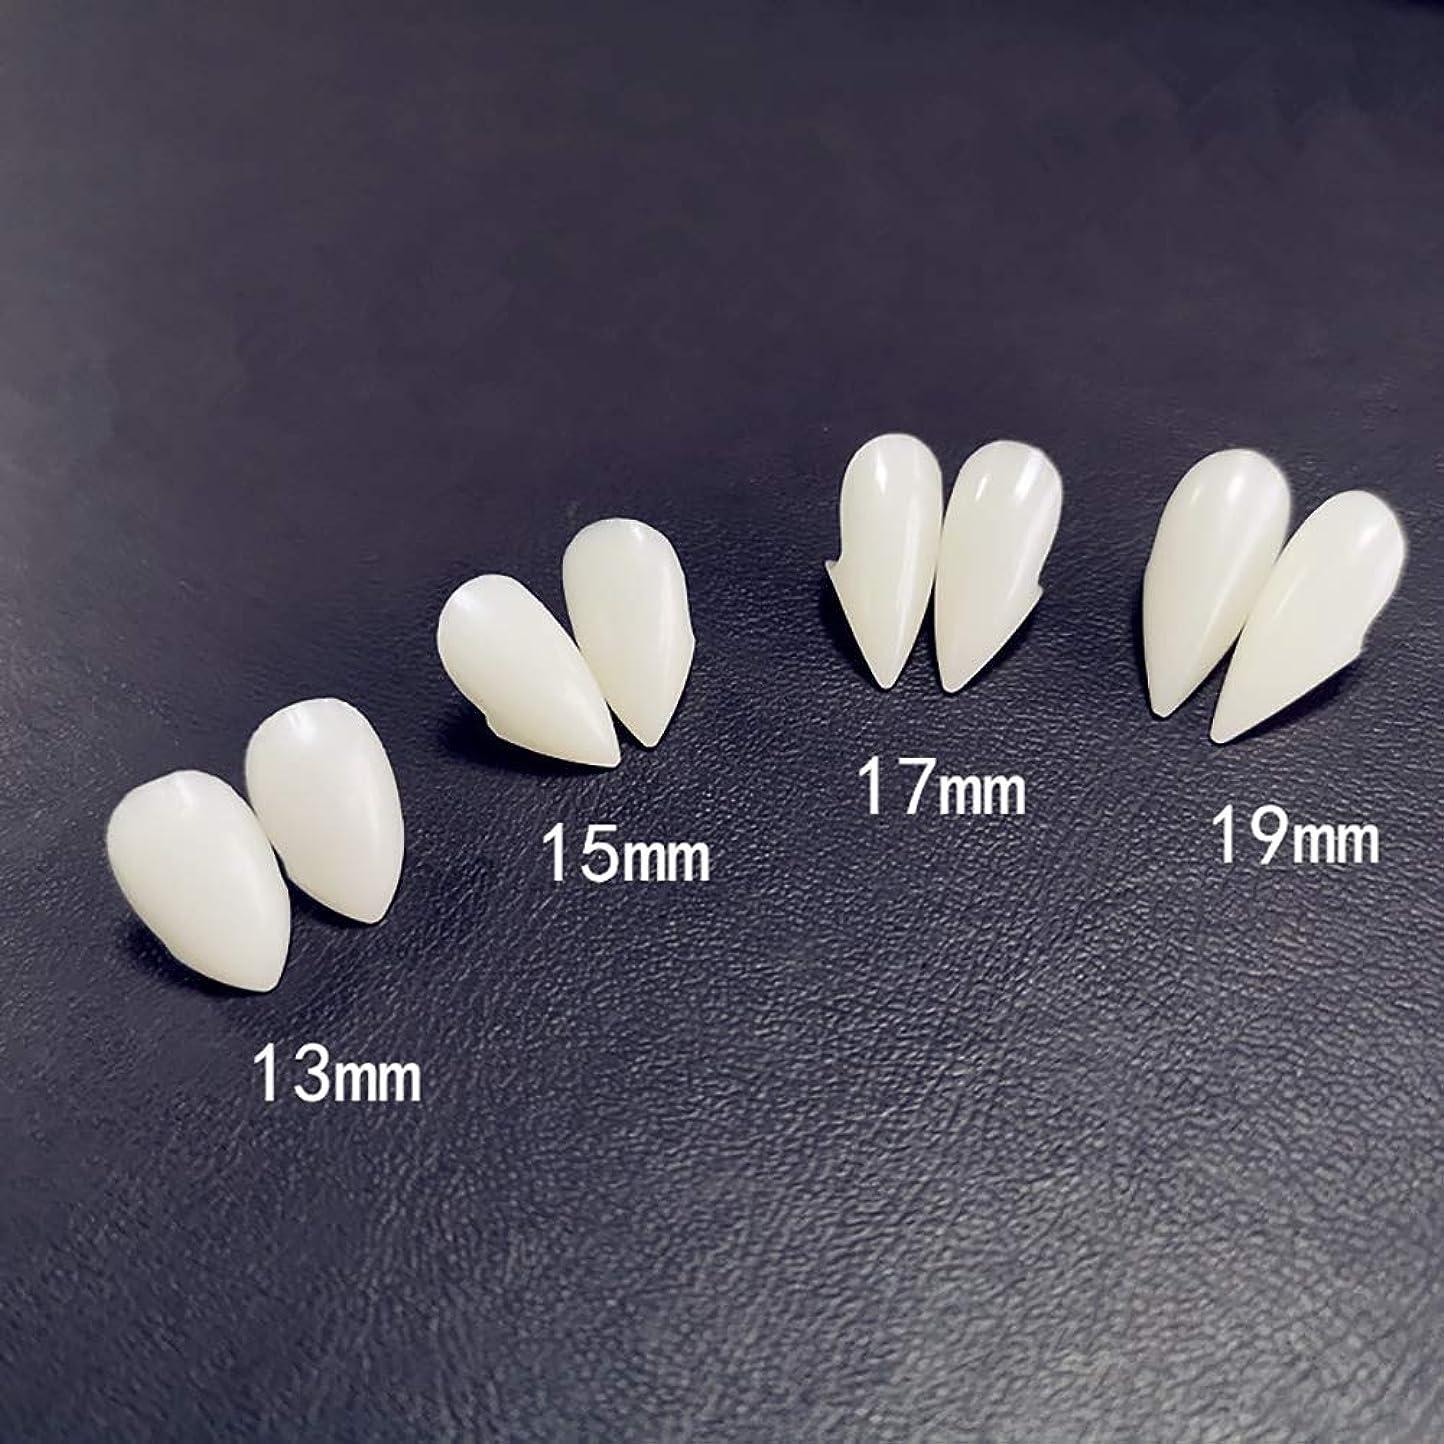 レンド姿を消す提案する6ペア牙キット歯の入れ歯歯の牙入れ歯小道具ハロウィーンの衣装小道具パーティーの好意休日DIYの装飾ホラー大人のための子供,15mm